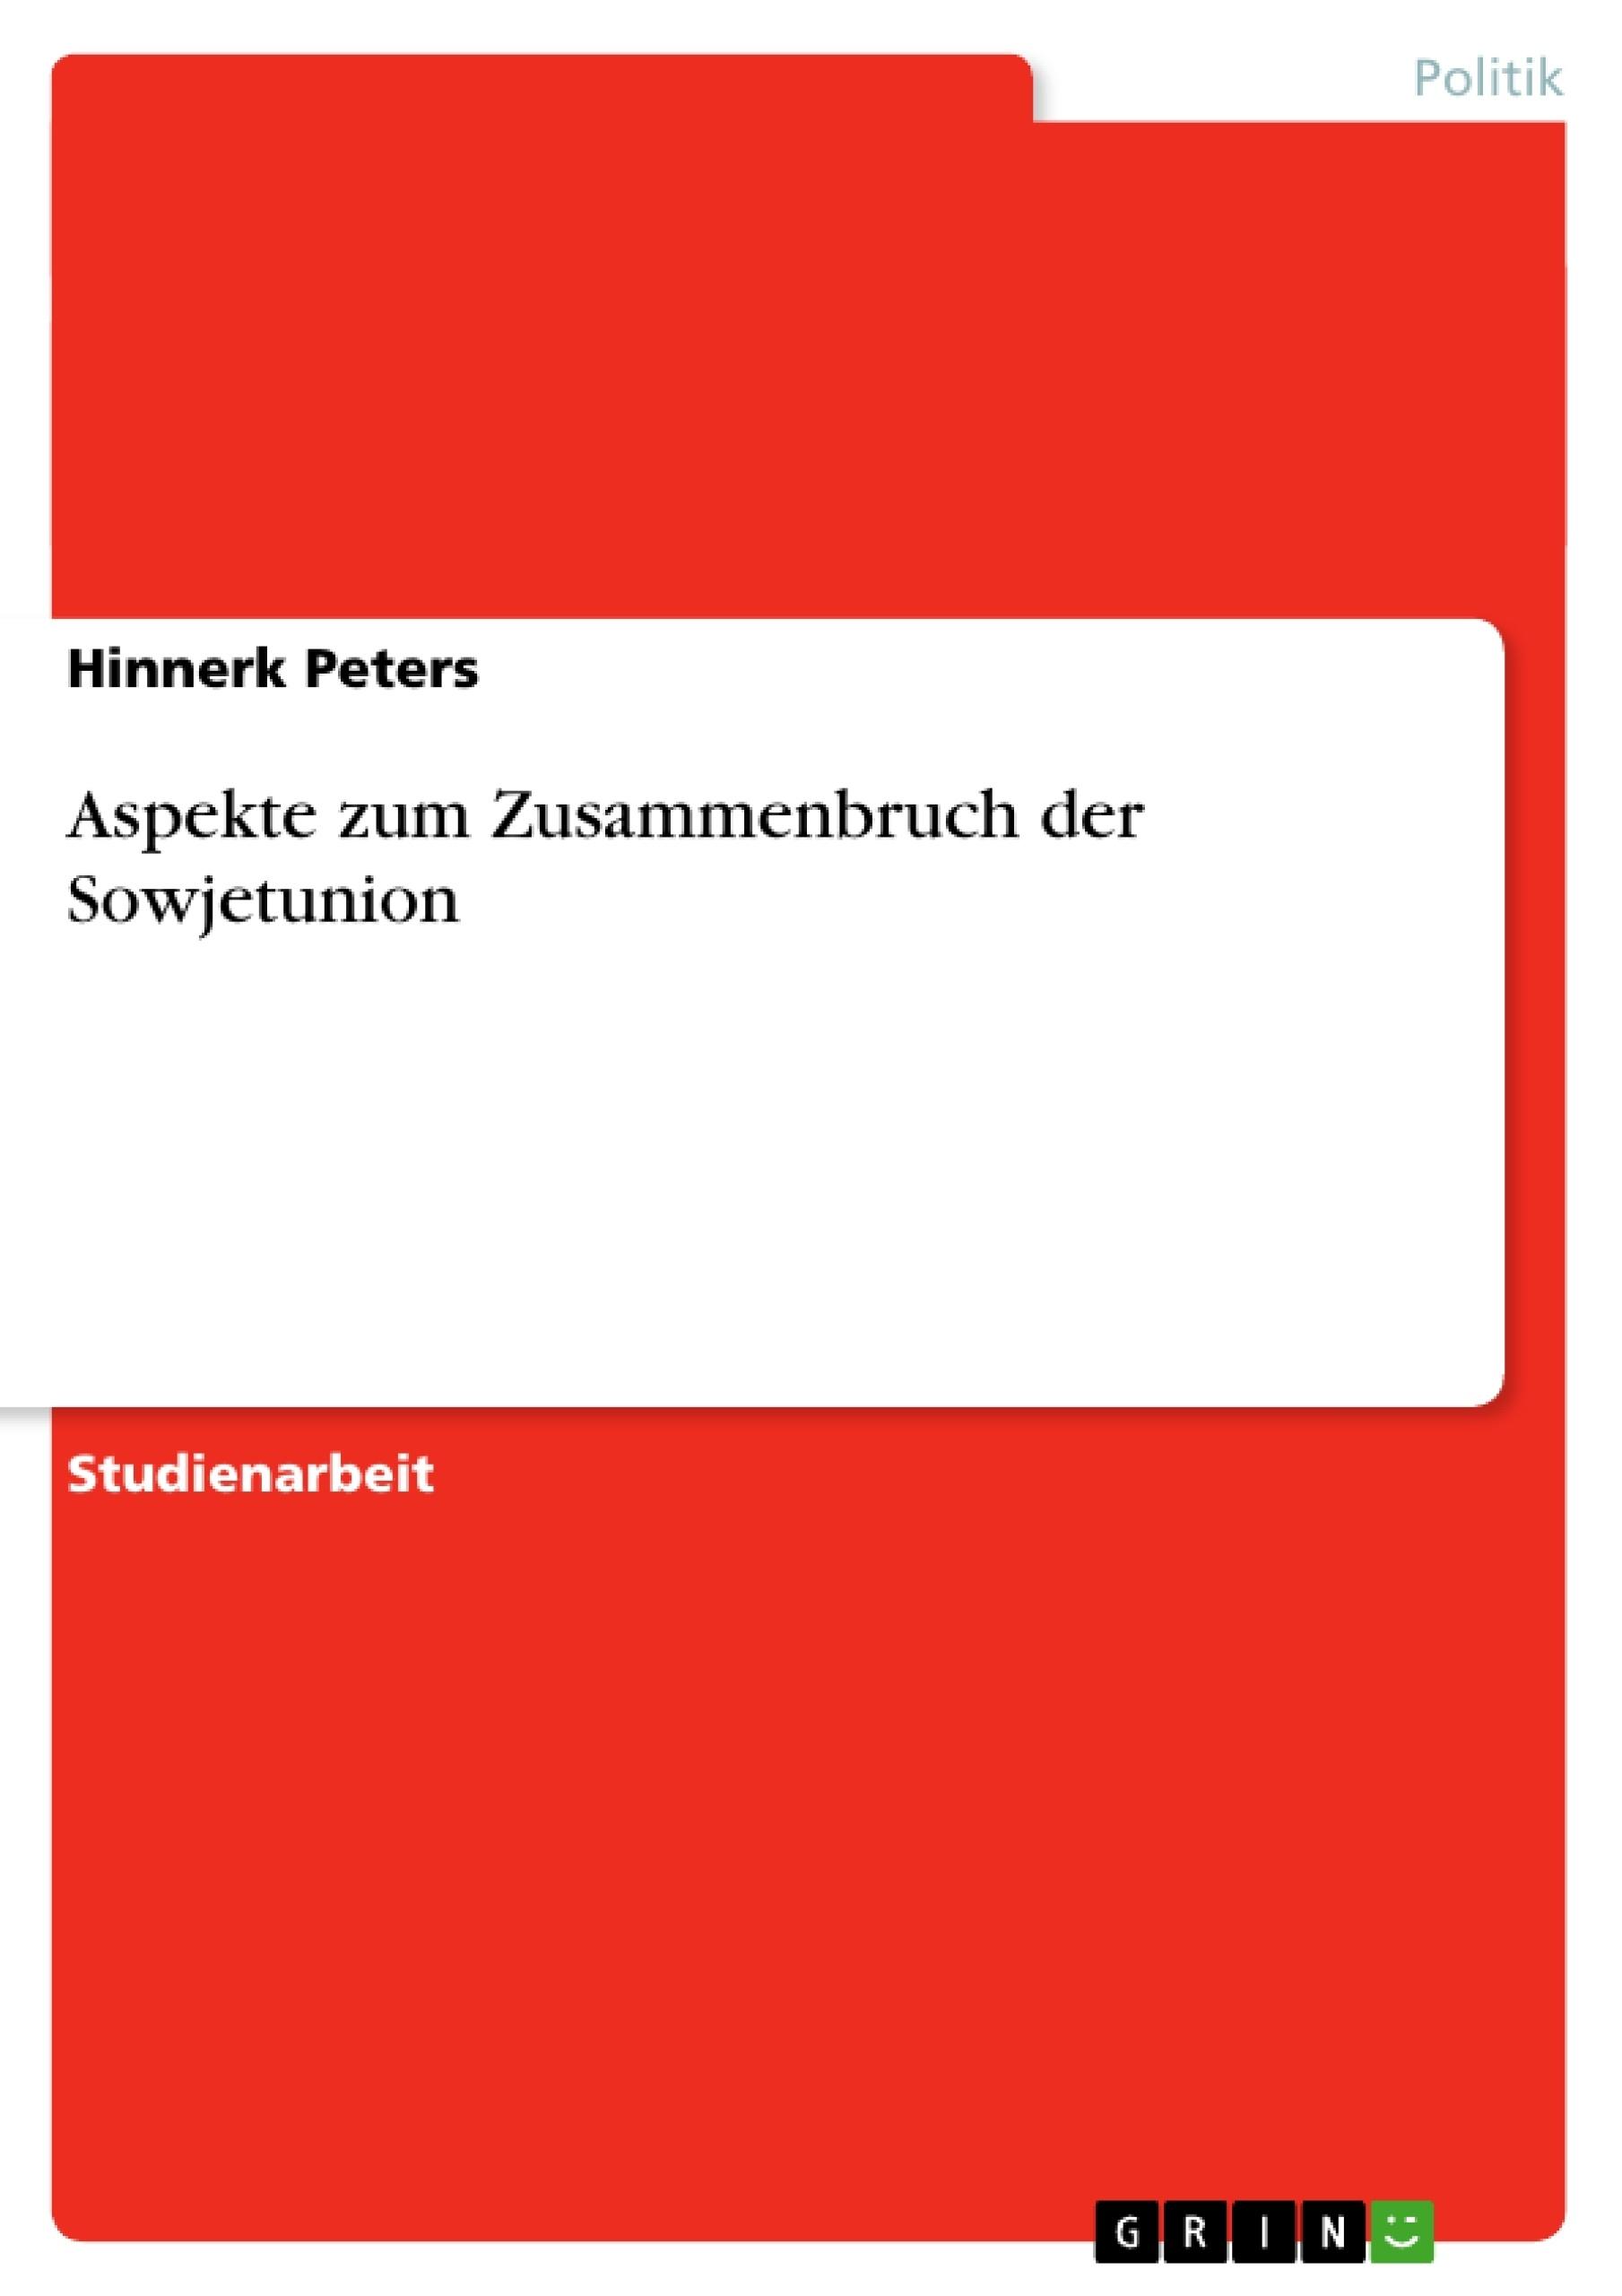 Titel: Aspekte zum Zusammenbruch der Sowjetunion